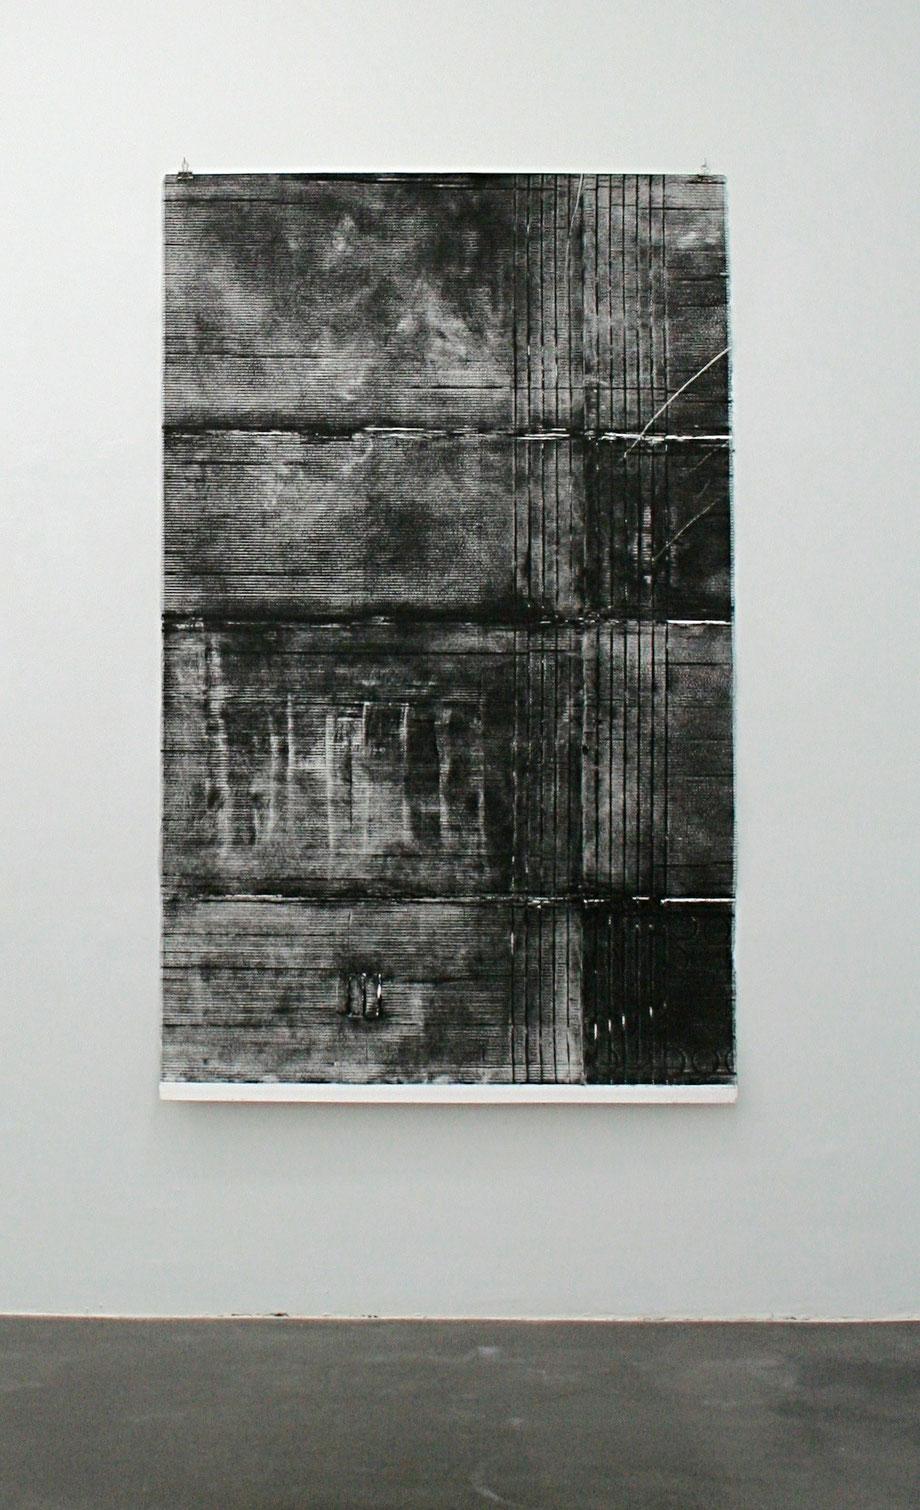 volvere, 2017,  167 cm x 124 cm, Tiefdruck auf Bütten